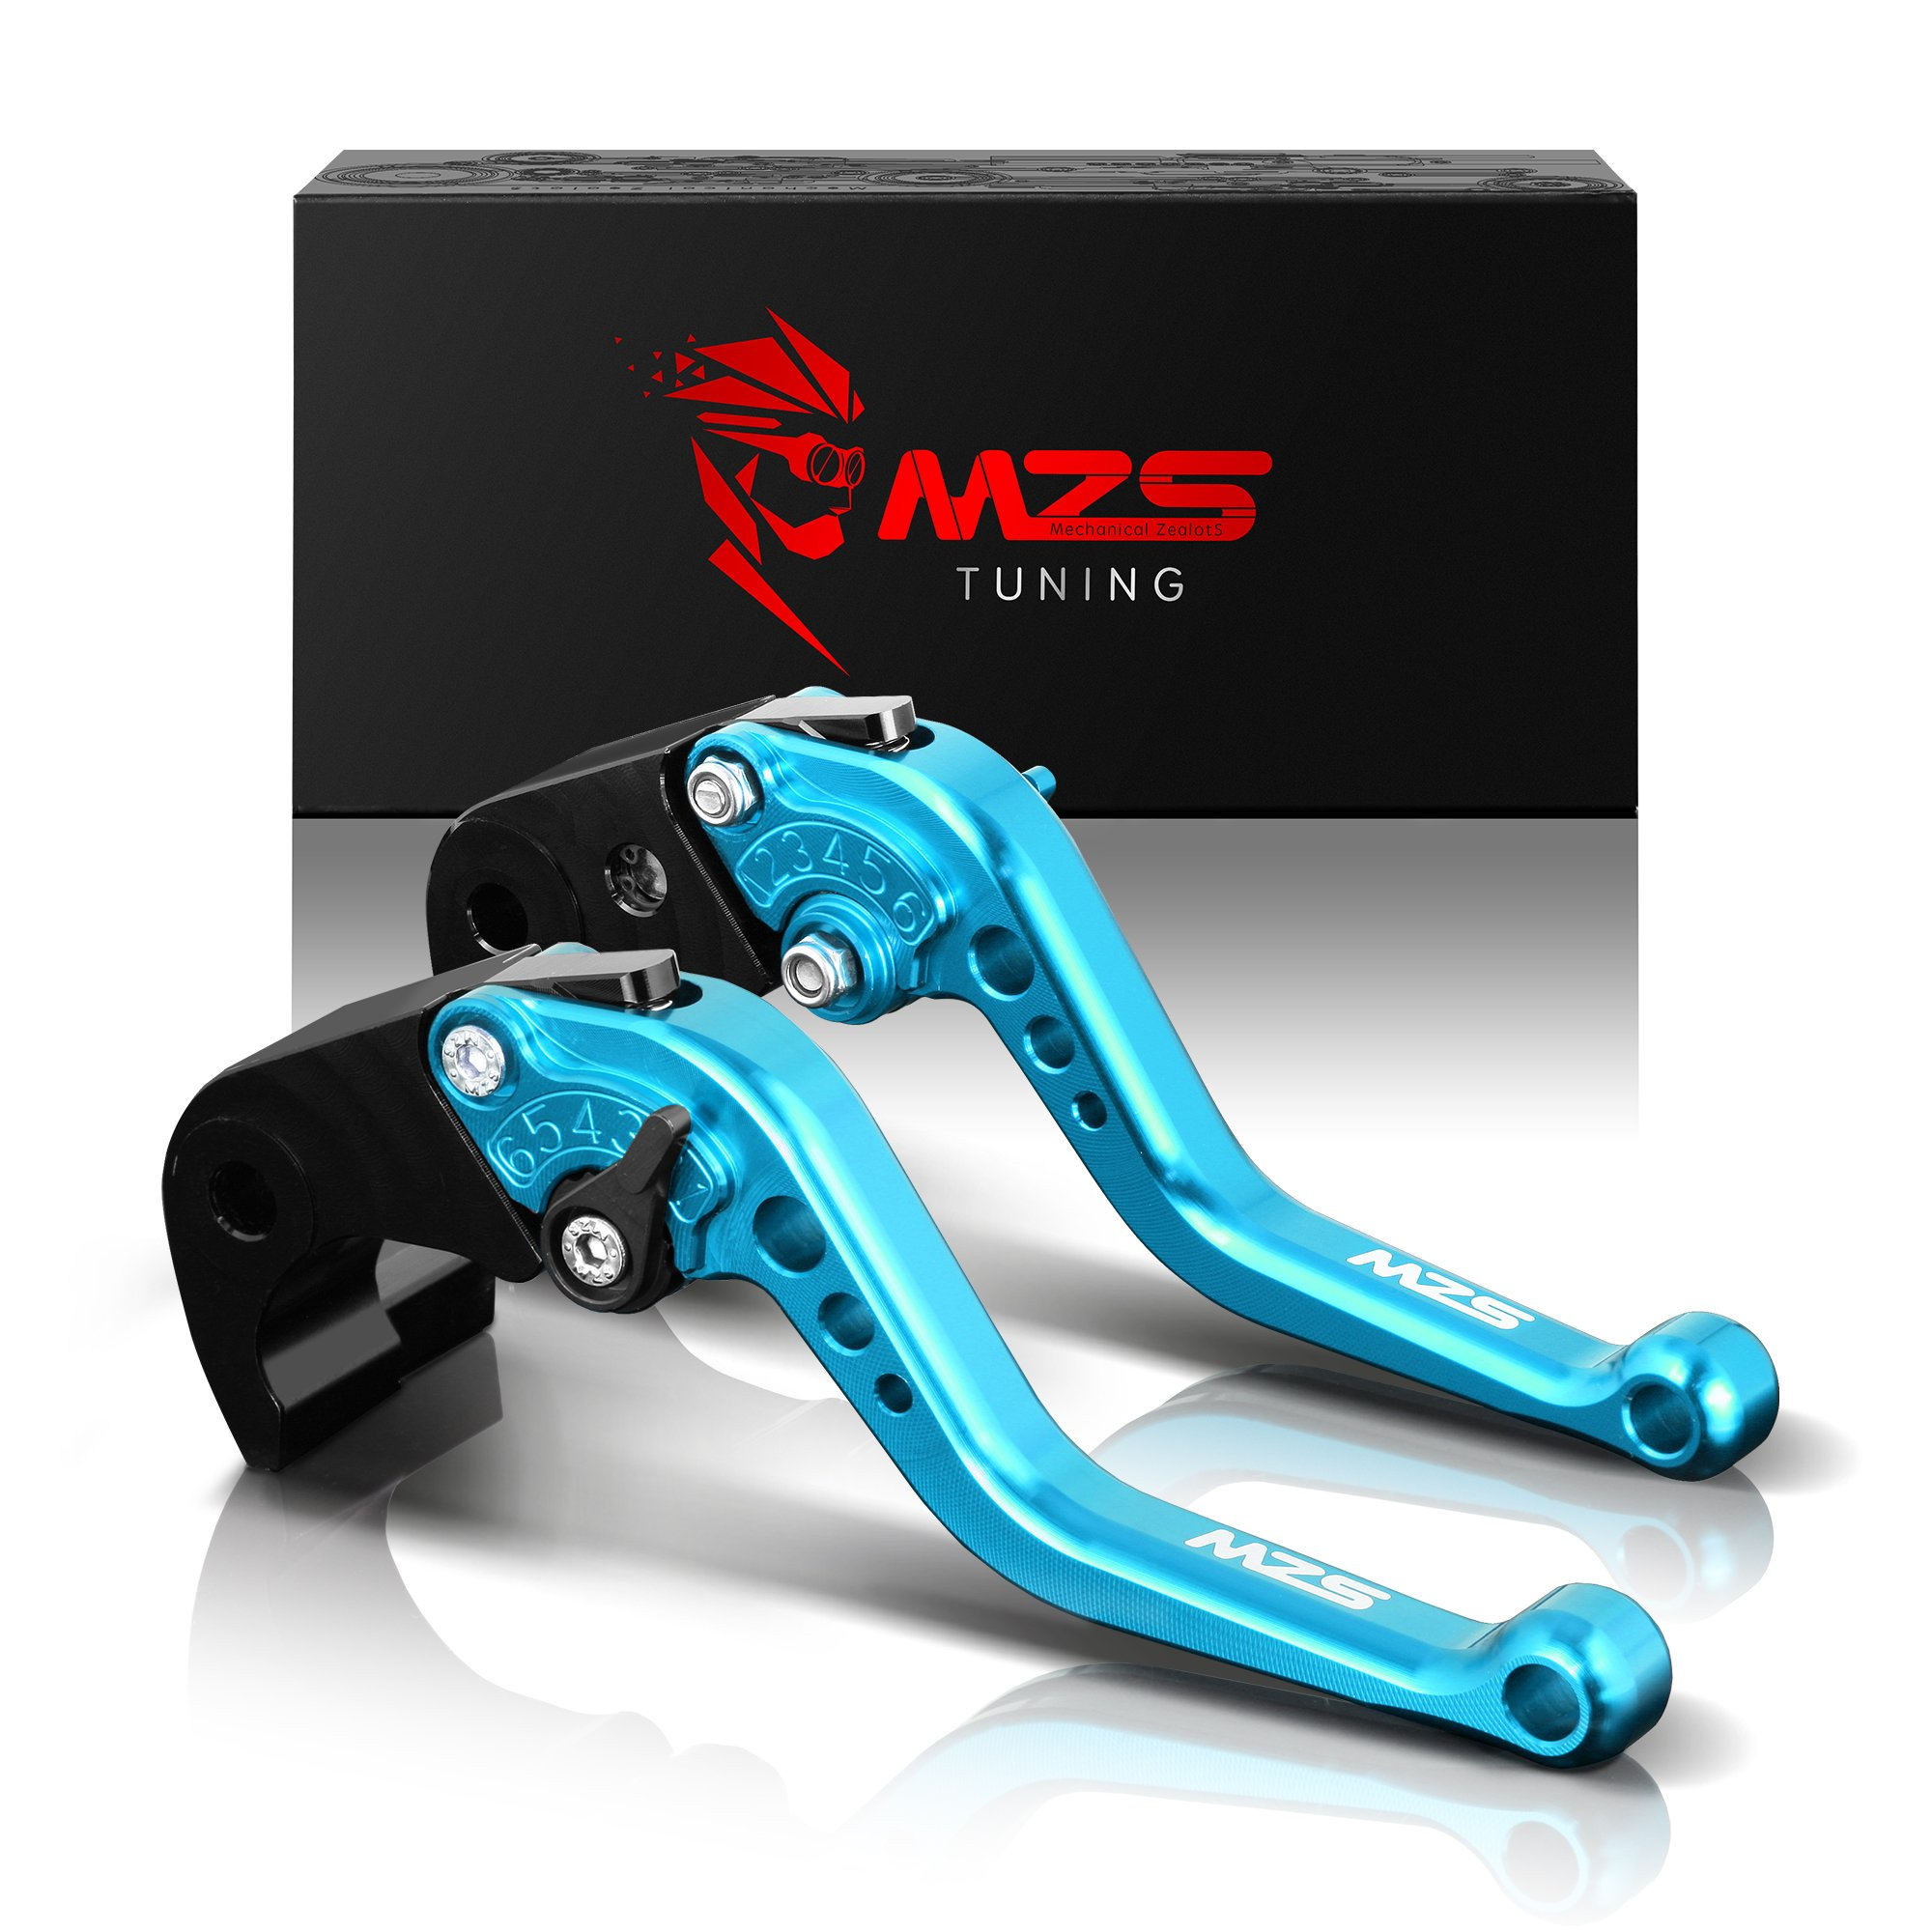 MZS Short Levers Brake Clutch CNC Blue compatible Suzuki GSXR 750 GSXR750 2011 2012 2013 2014 2015 2016 2017 2018 2019